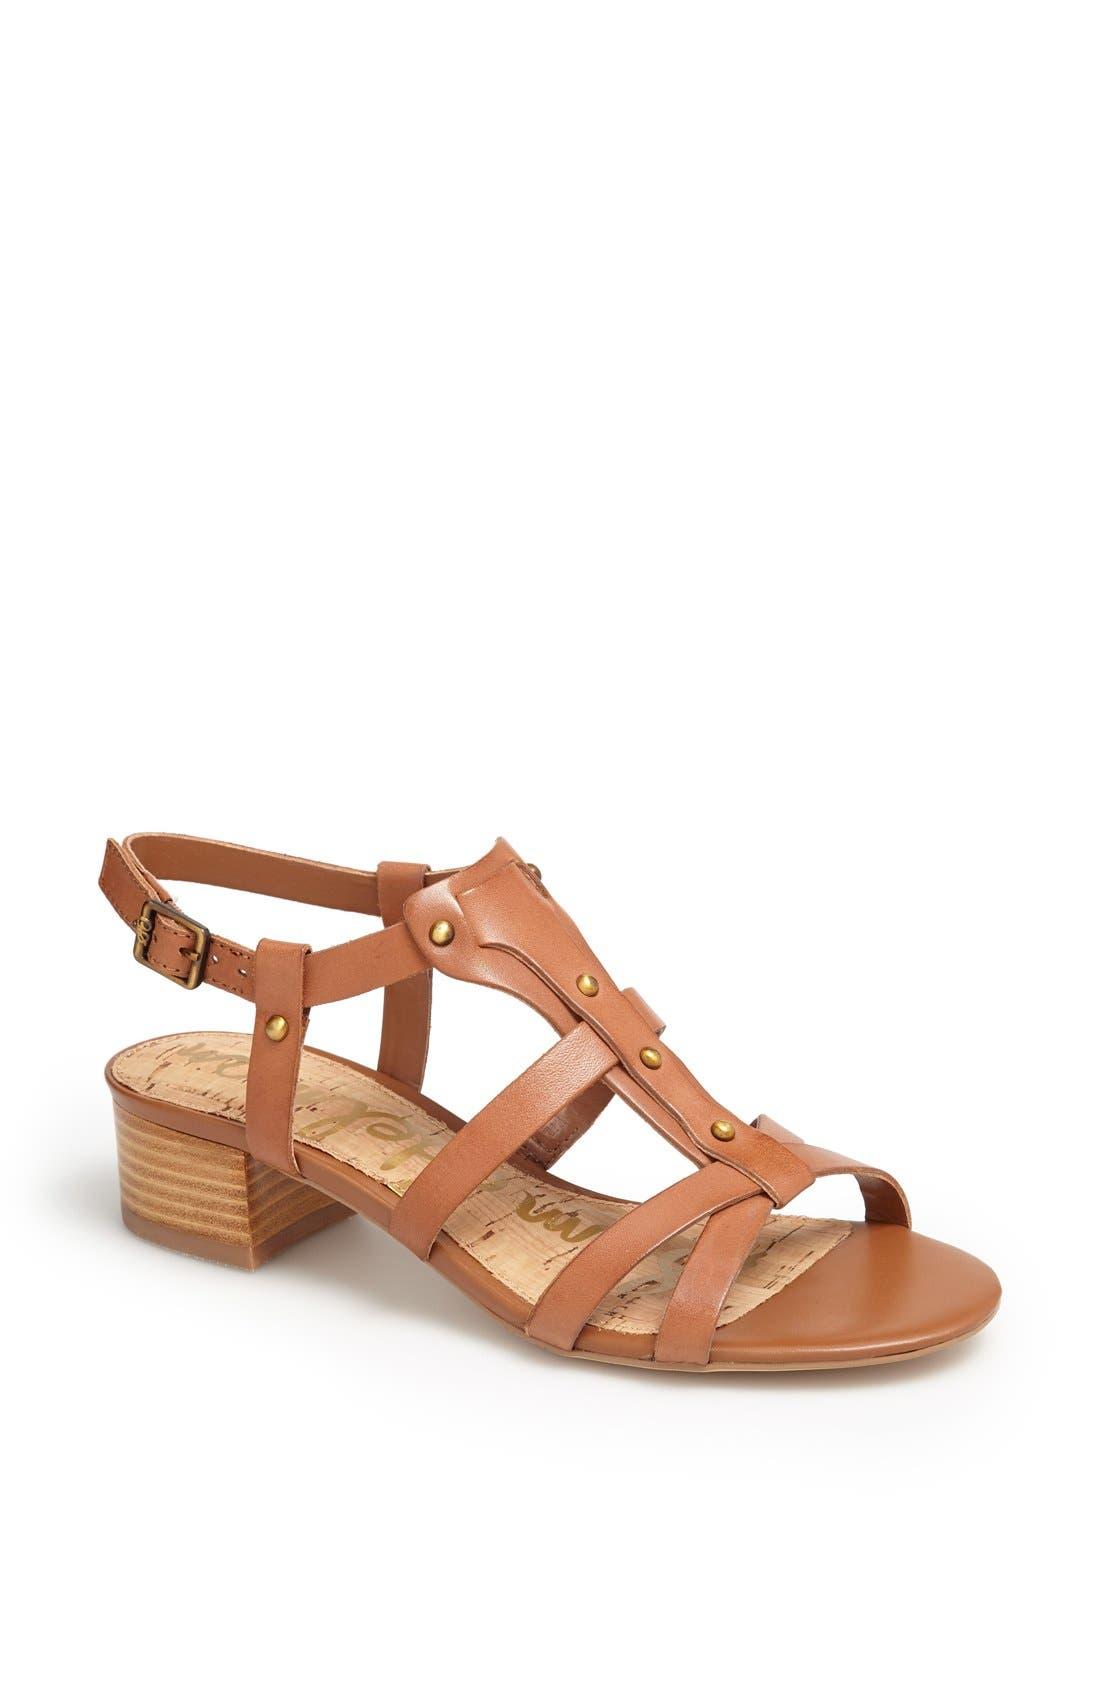 Main Image - Sam Edelman 'Angela' Sandal